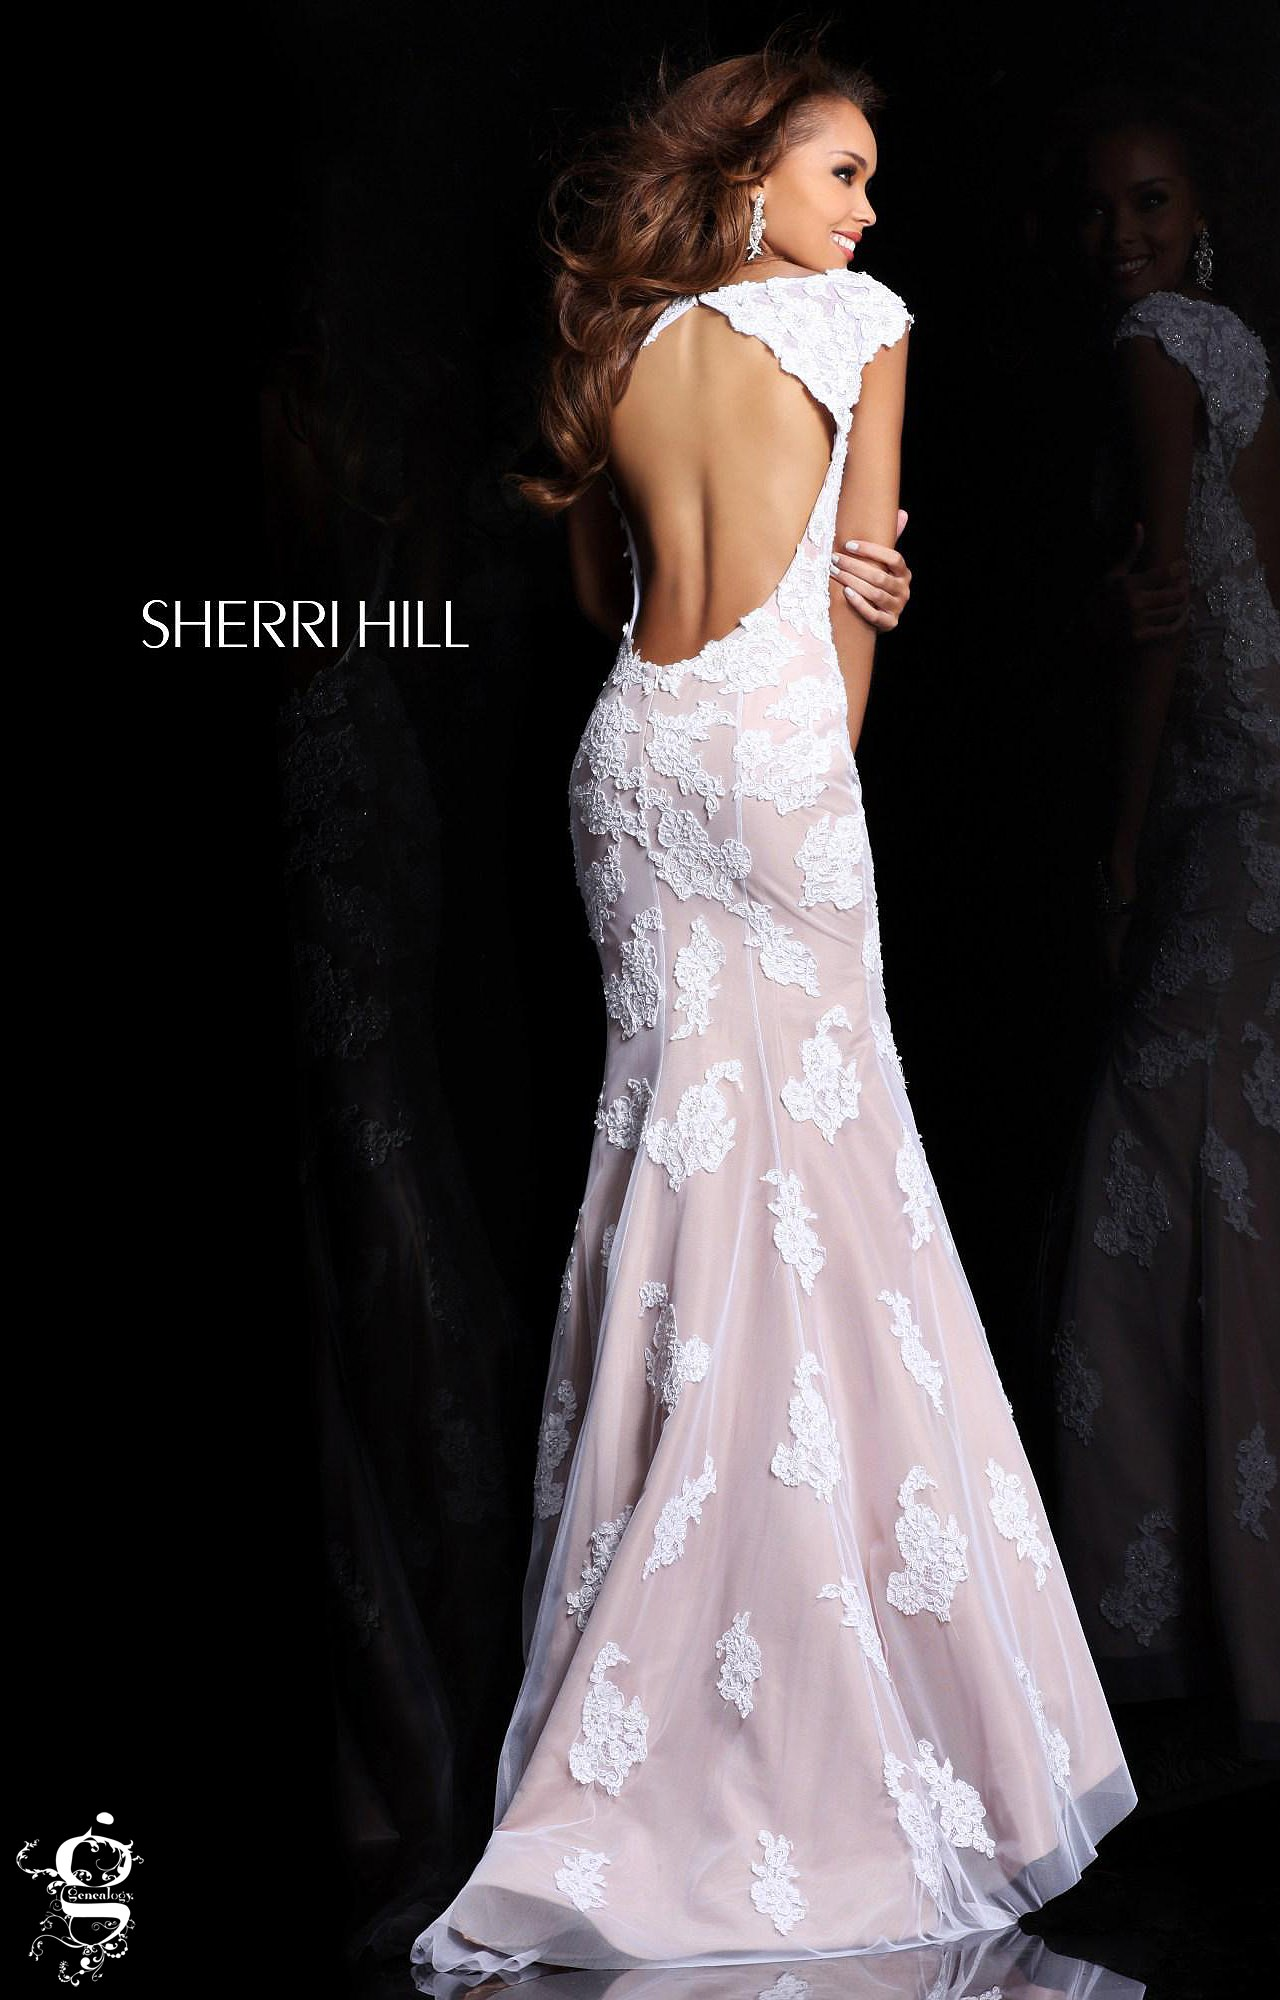 Sherri Hill 21028  Formal Evening Prom Dress